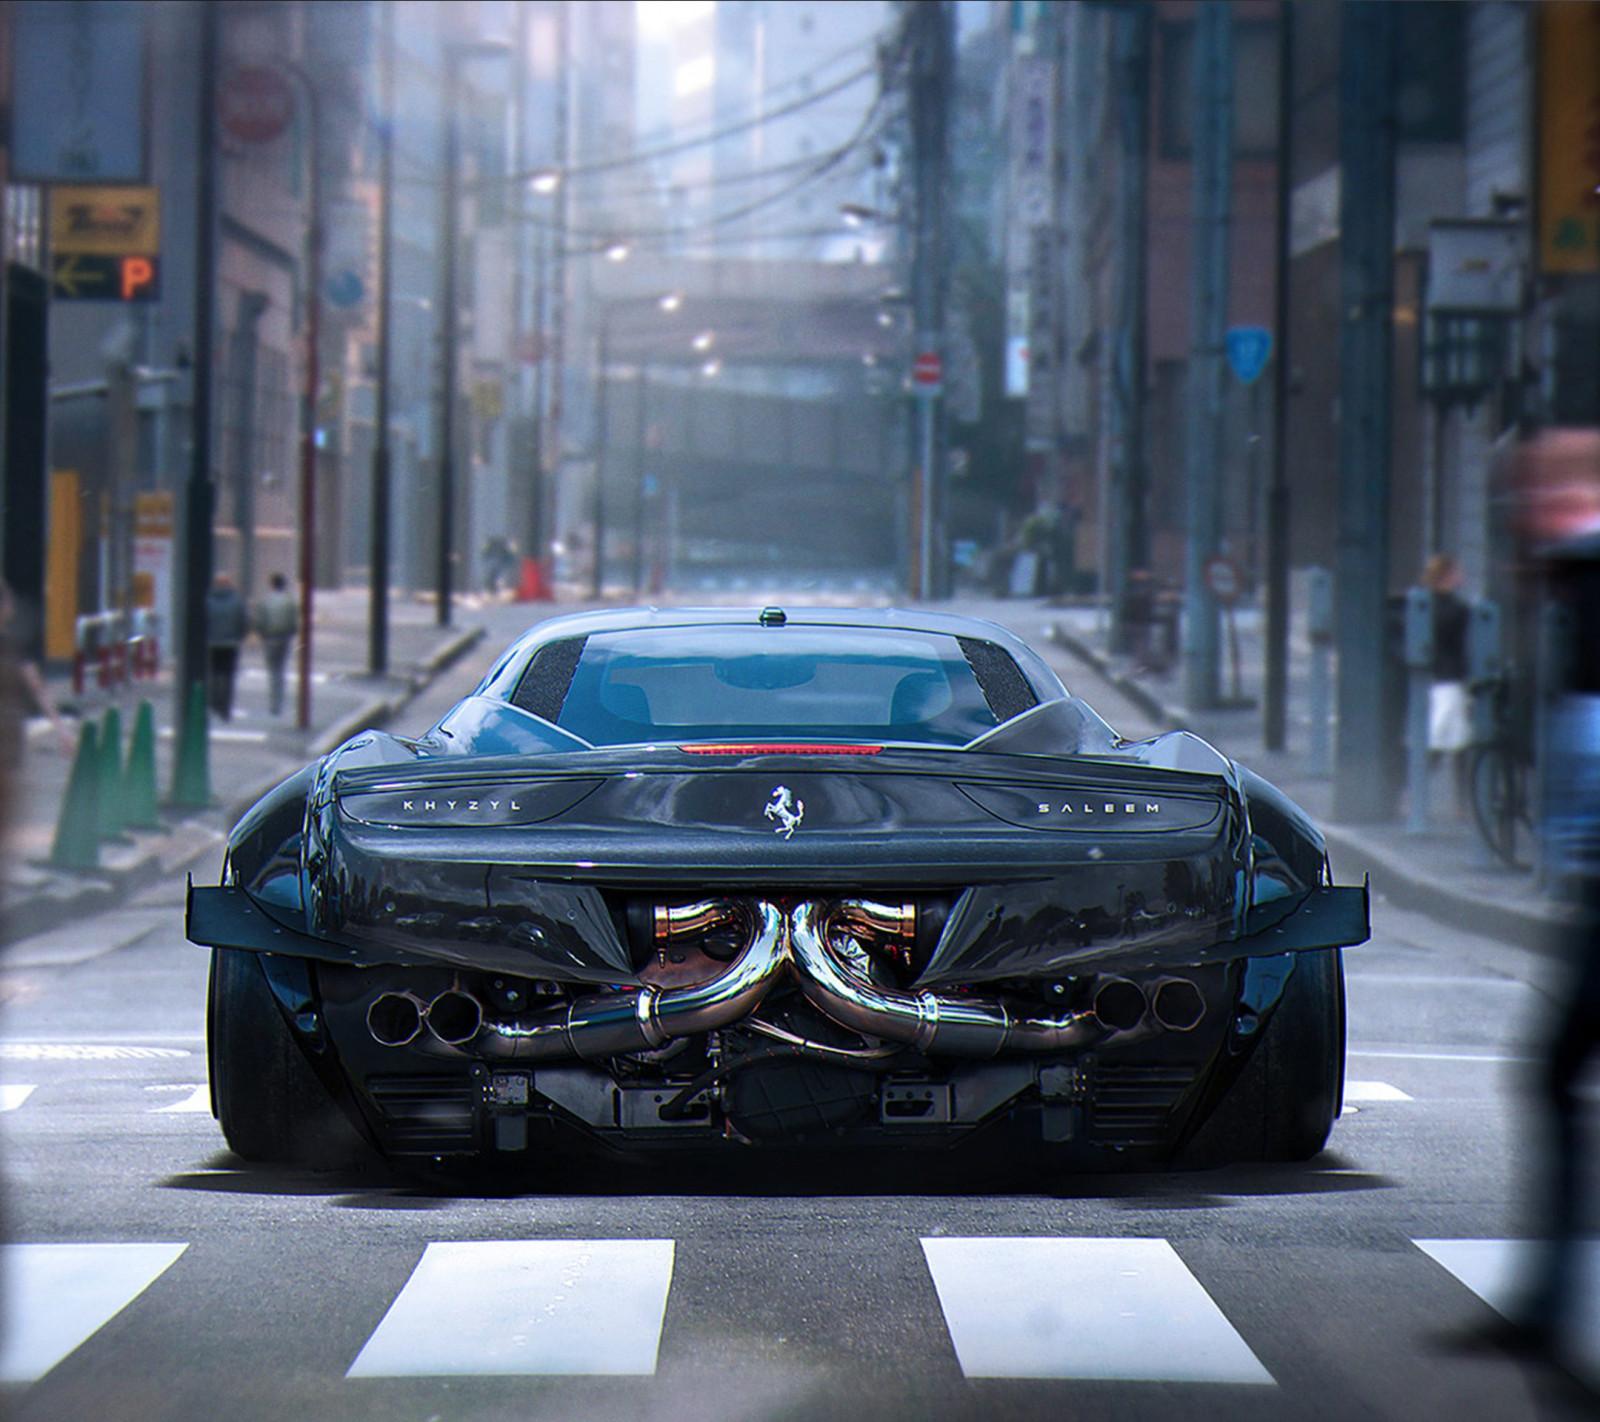 Ferrari Car Wallpaper: Wallpaper : Lamborghini Aventador, Sports Car, Khyzyl